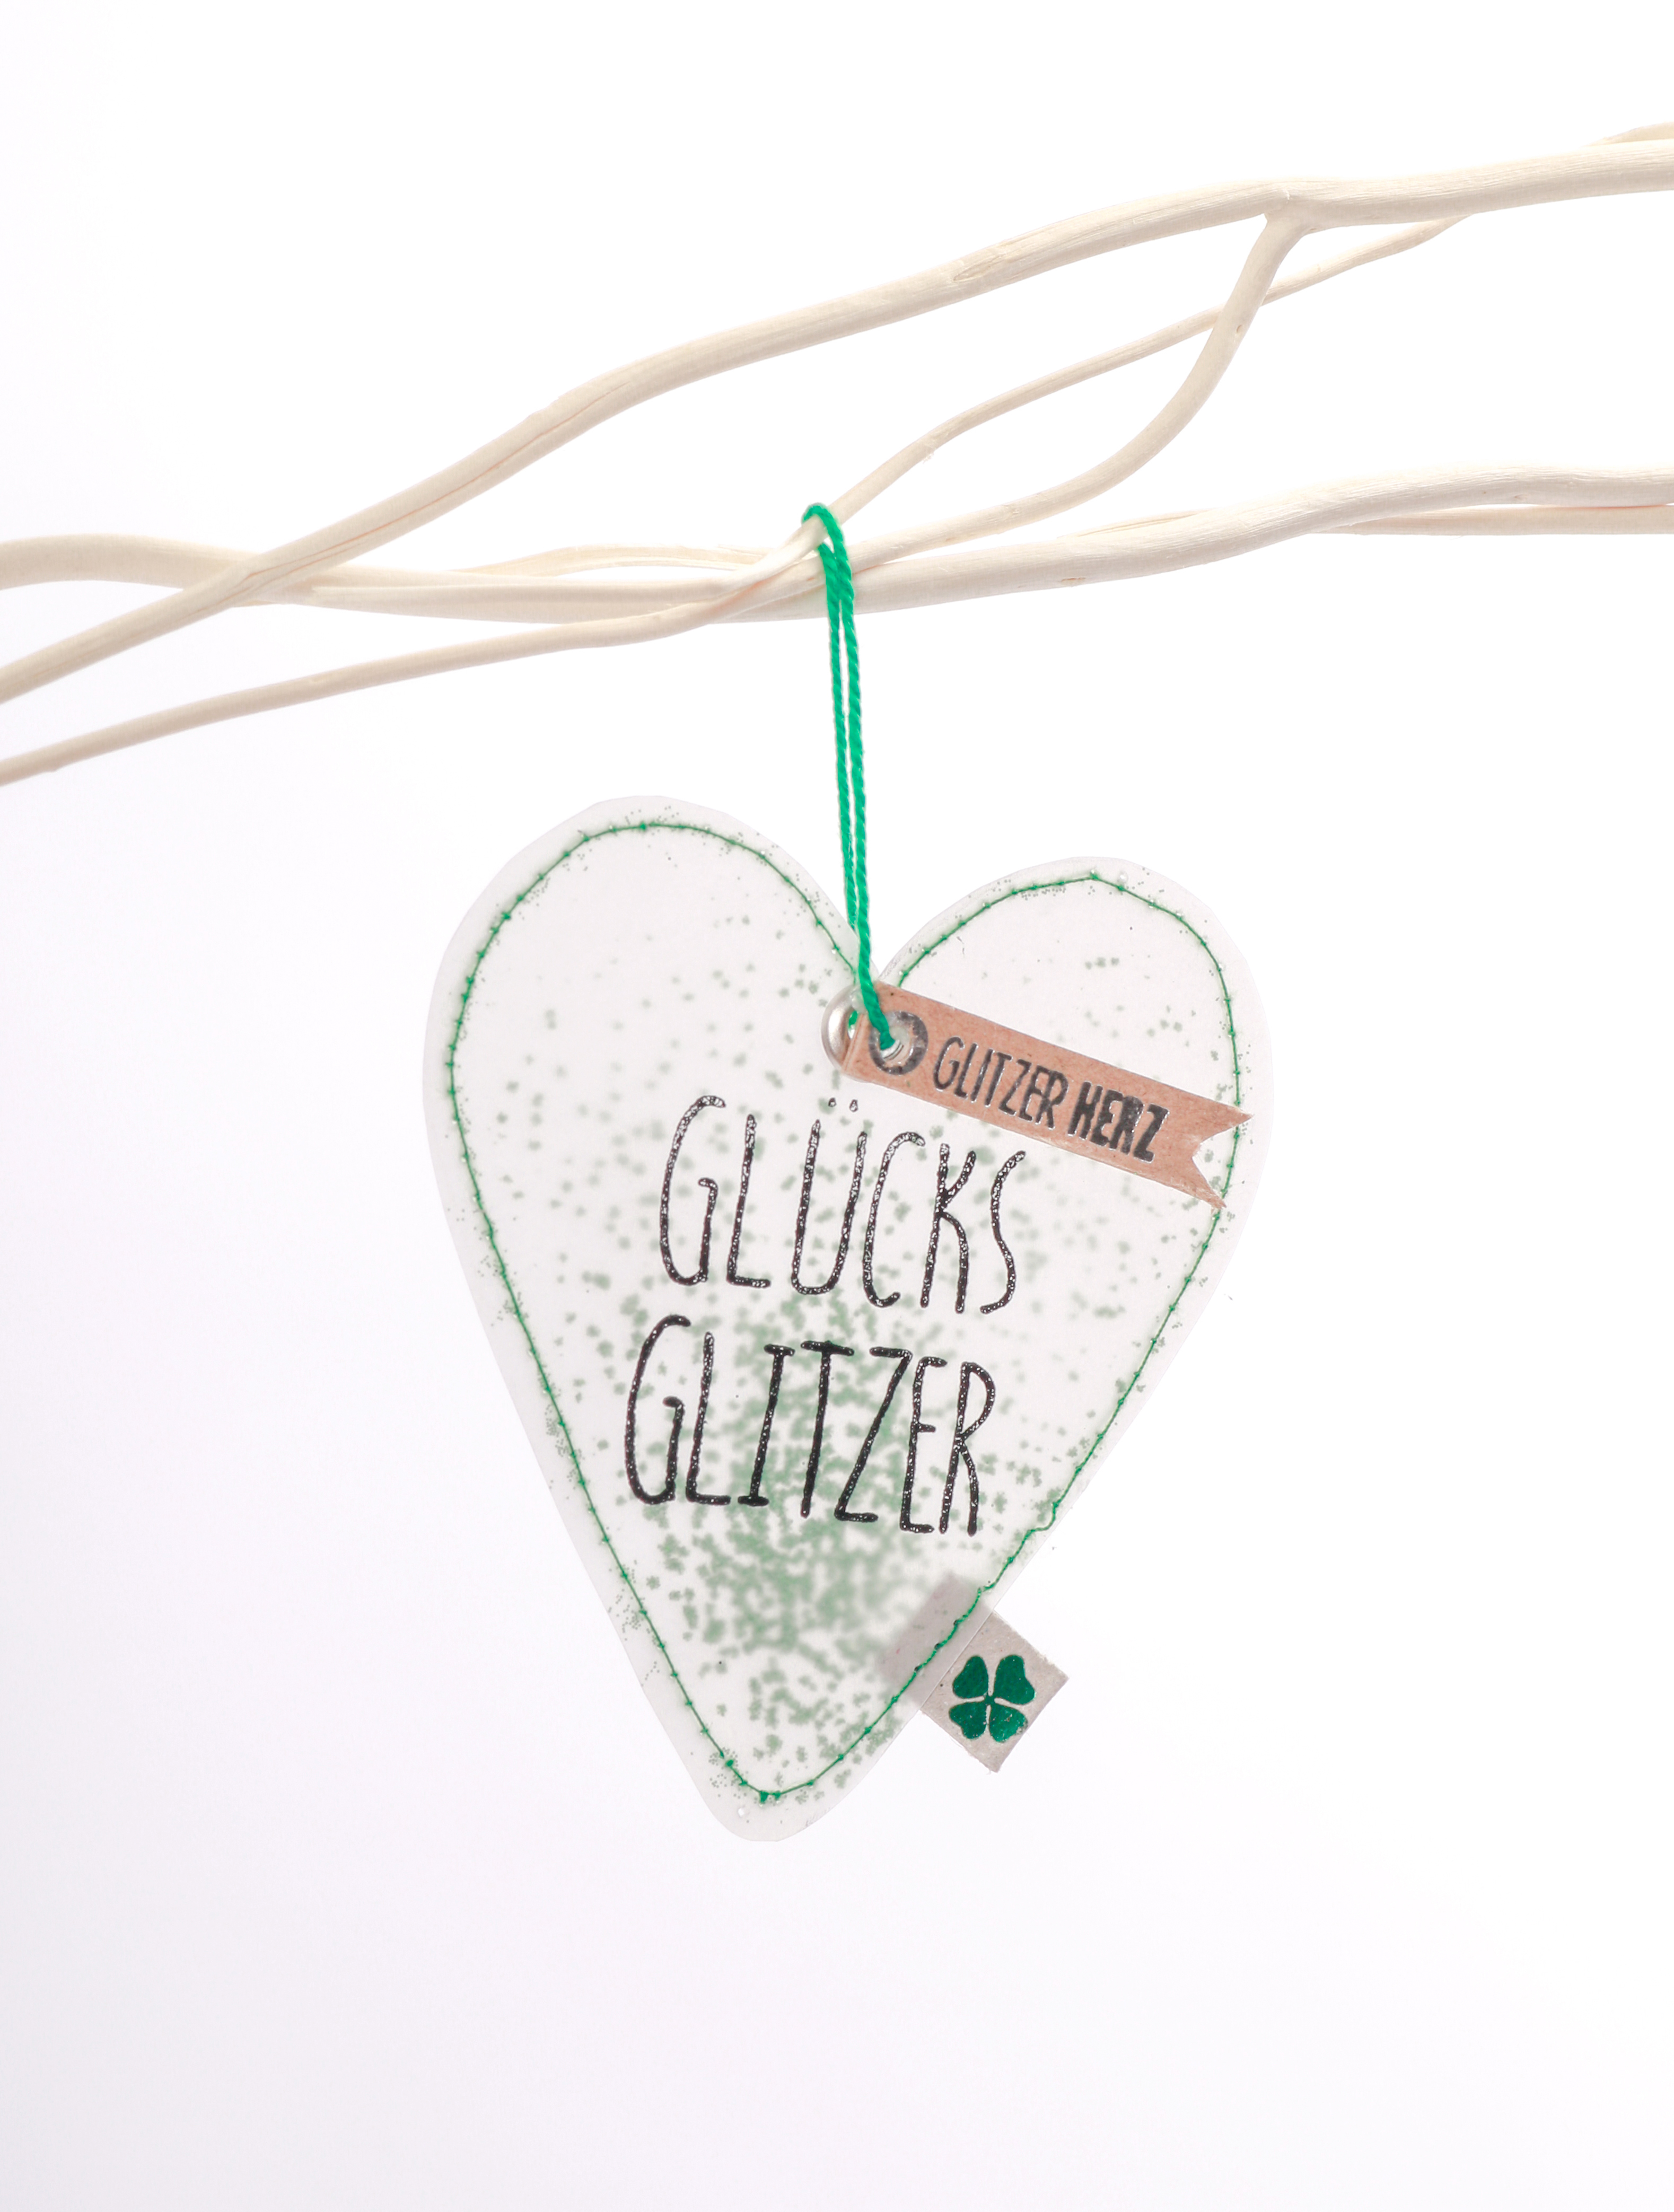 Glitzerherzen - Glücksglitzer - Good old friends